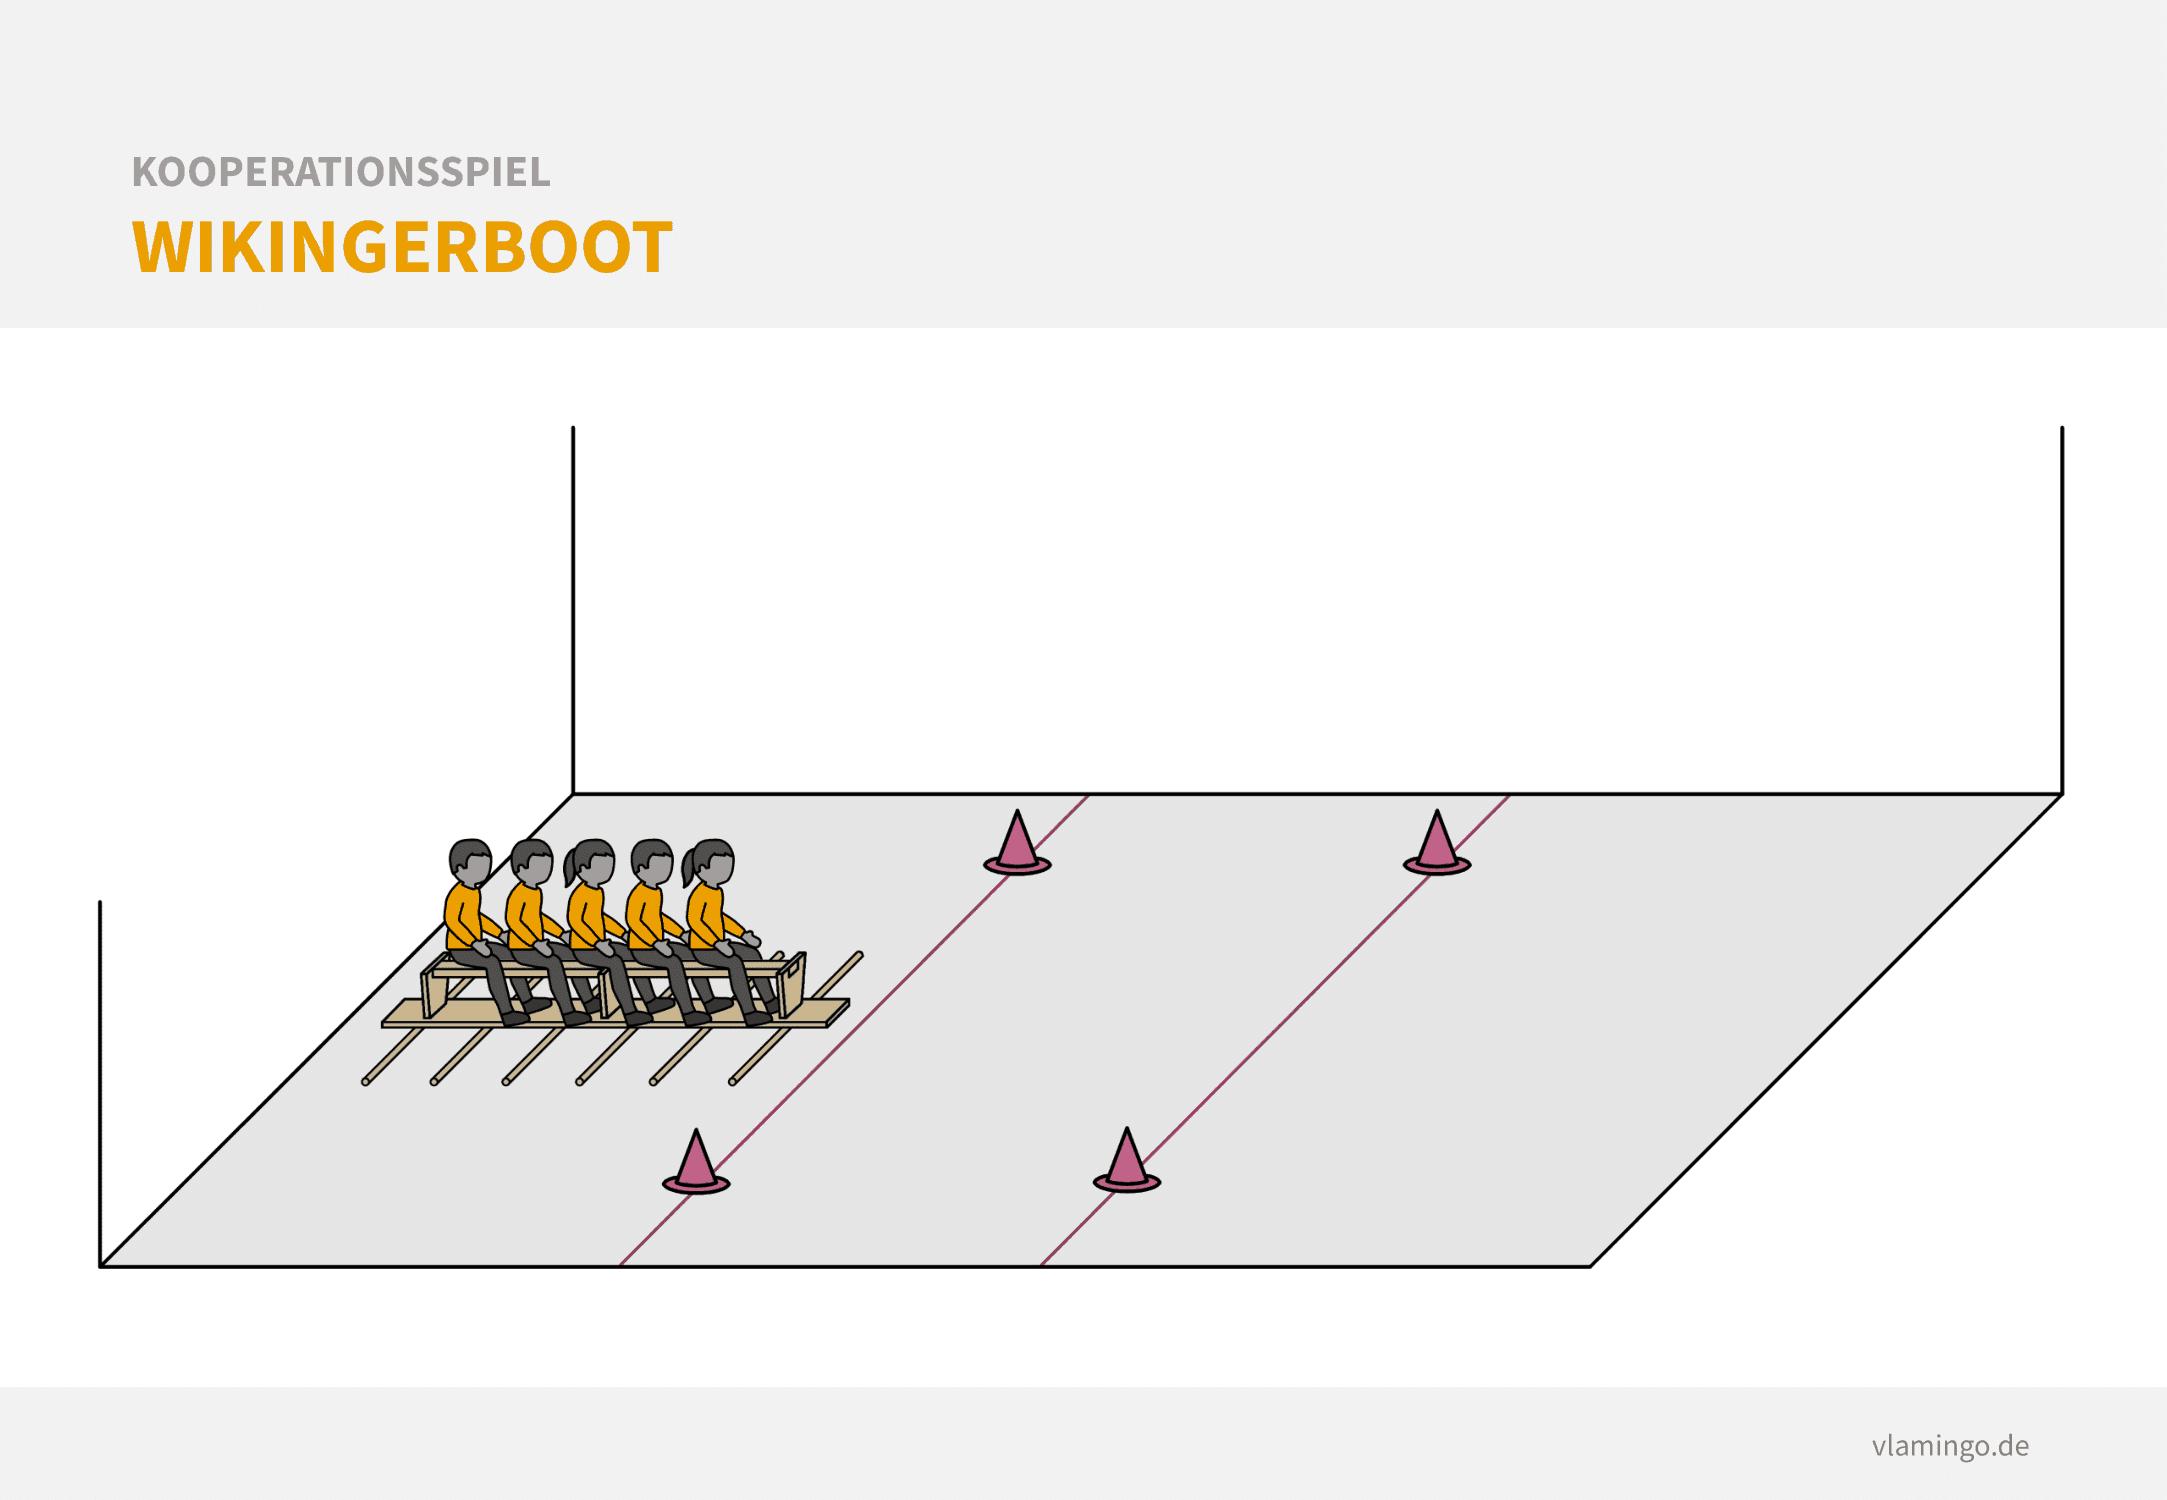 Kooperationsspiel: Wikingerboot